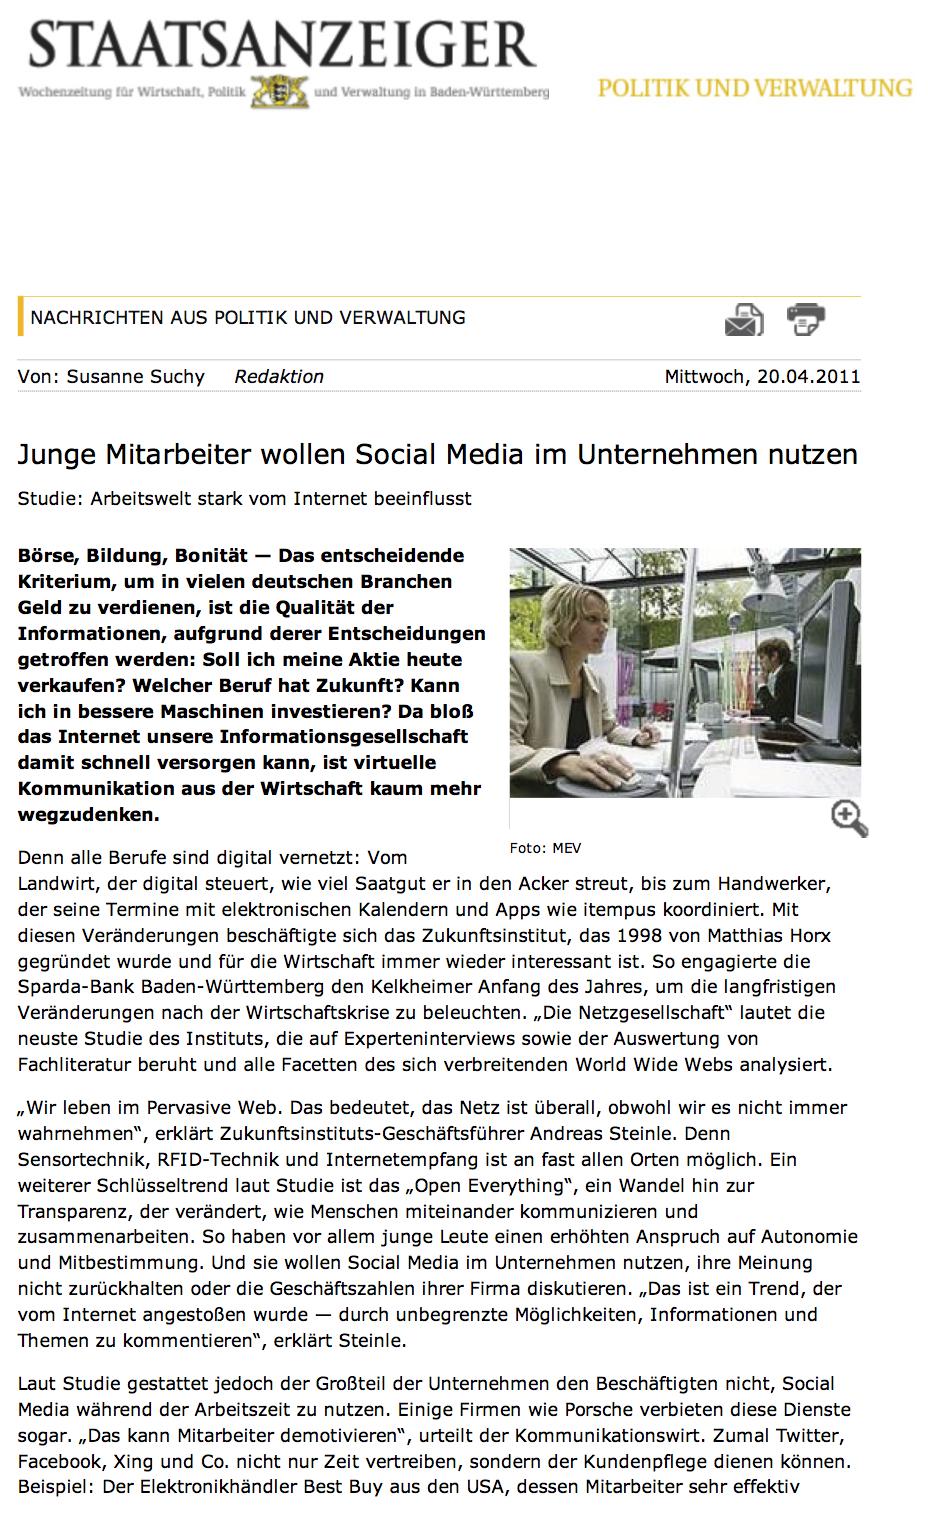 Staatsanzeiger BW Social Media im Unternehmen